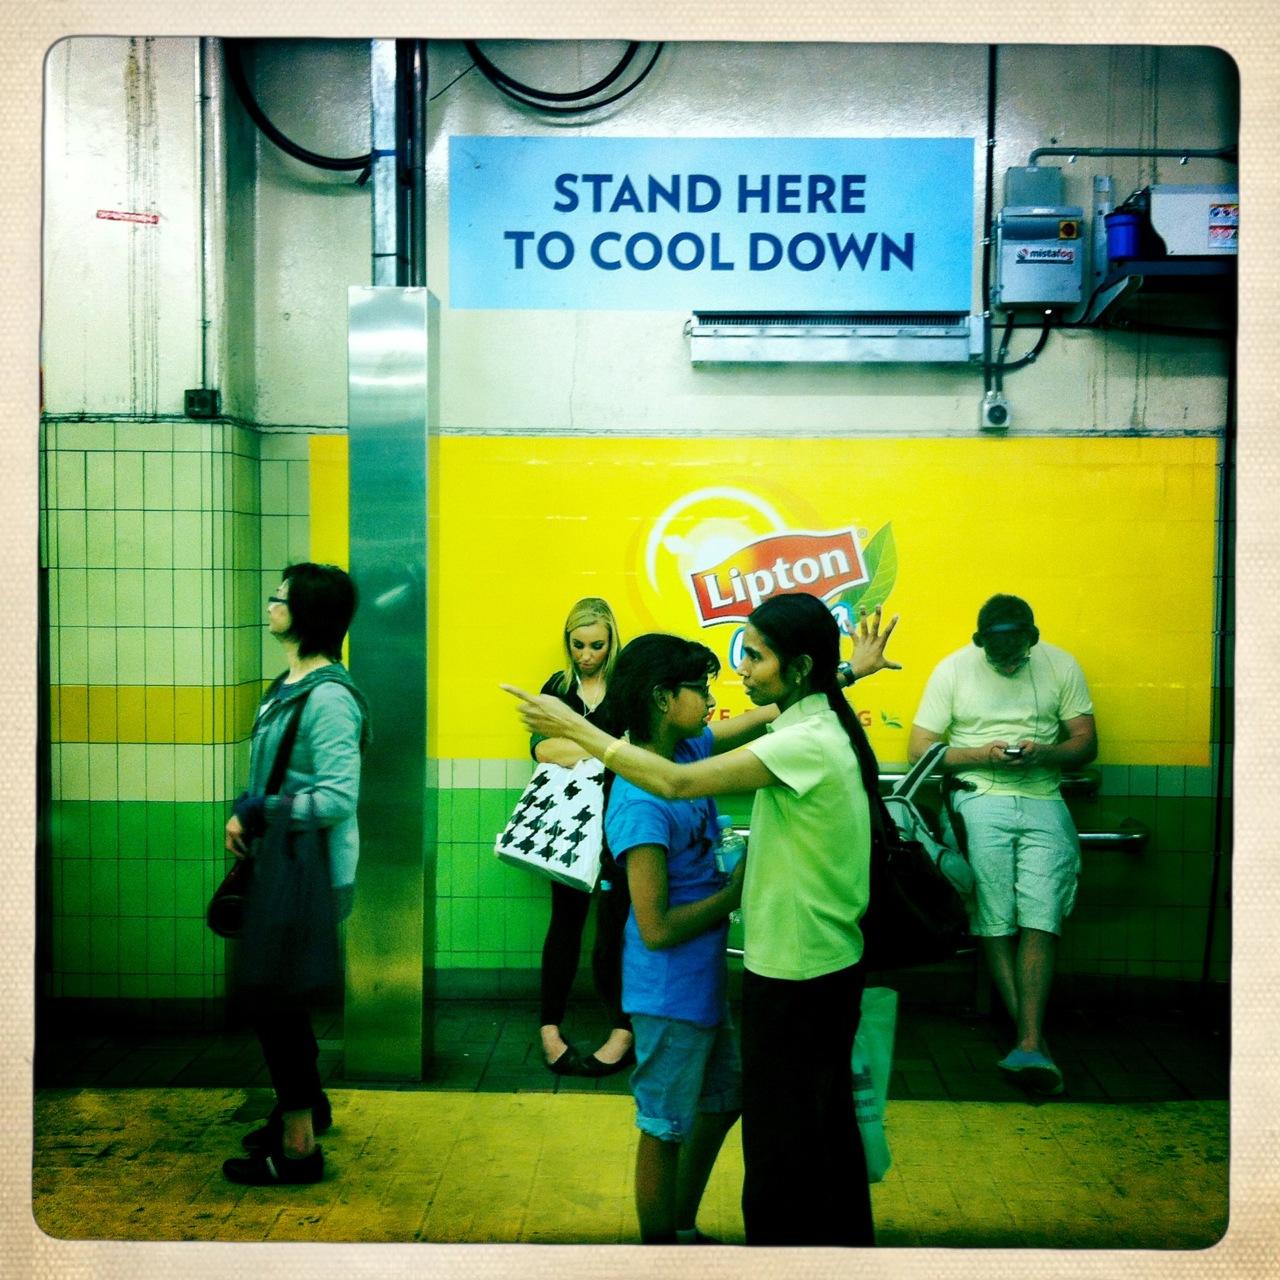 """Town Hall Station. """"Stand here to cool down"""", un brumisateur dans une station de métro, c'est quand même pas mal, chapeau!"""